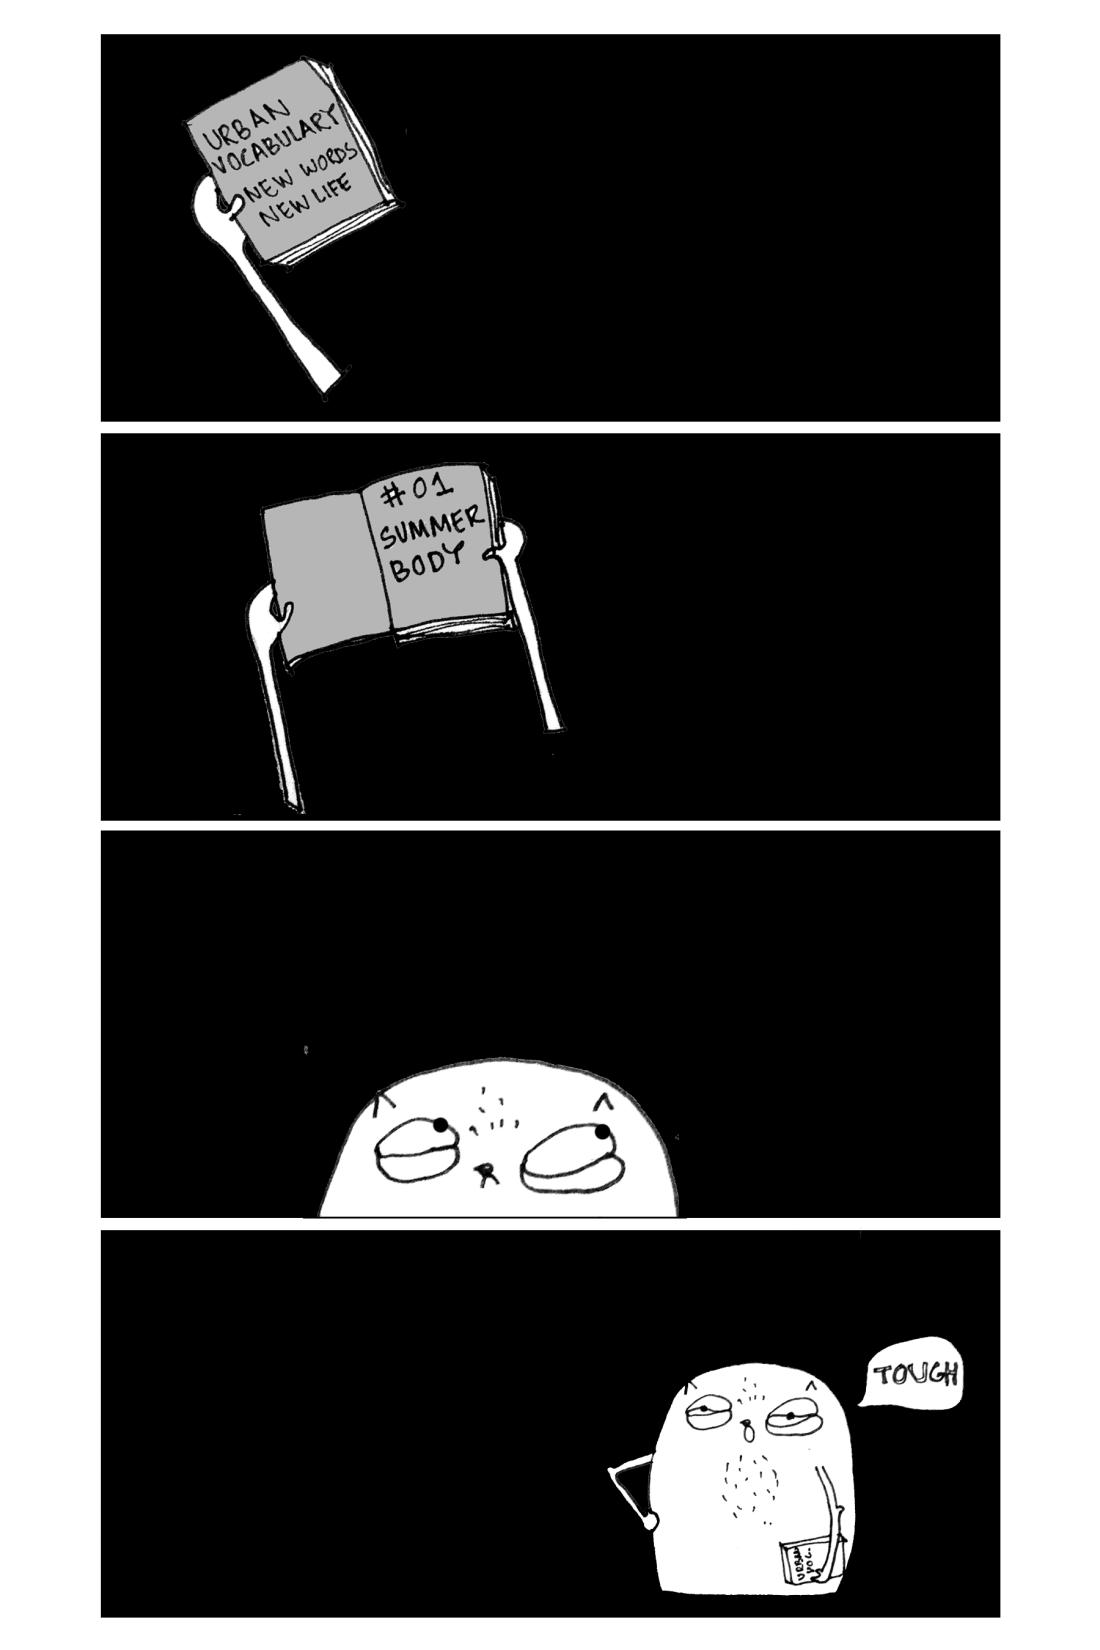 01_COMIX